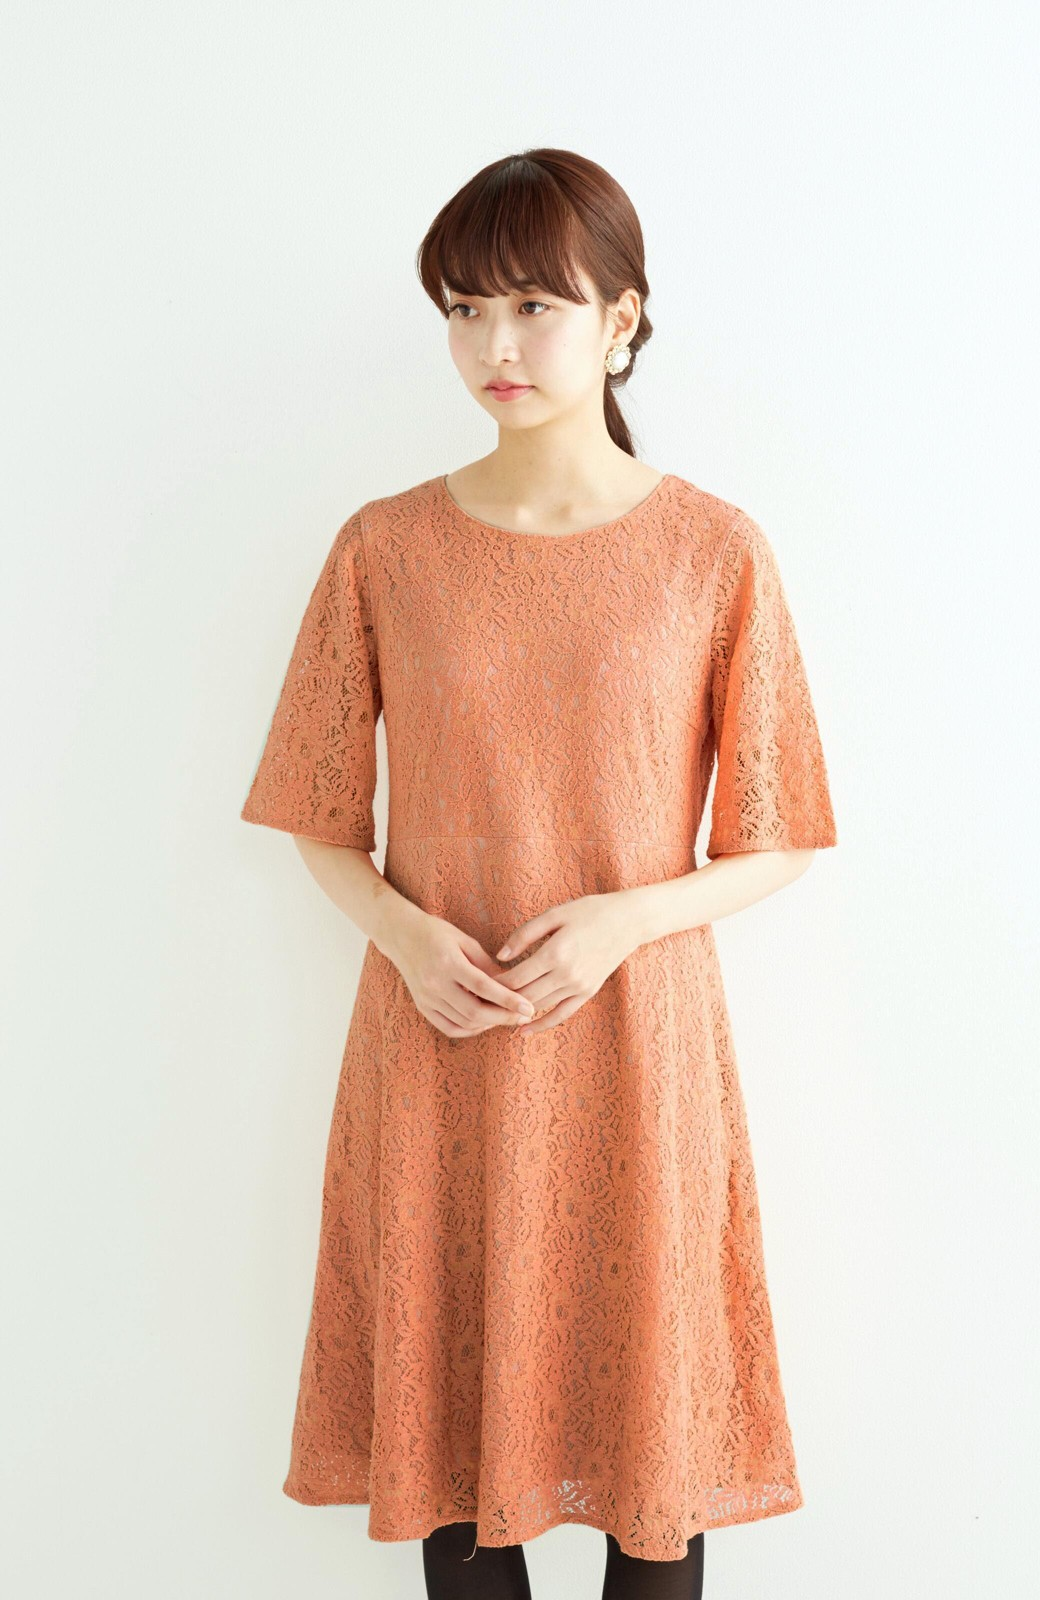 エムトロワ 結婚式にも便利 1枚で着てきれいなレースワンピース <オレンジ>の商品写真9